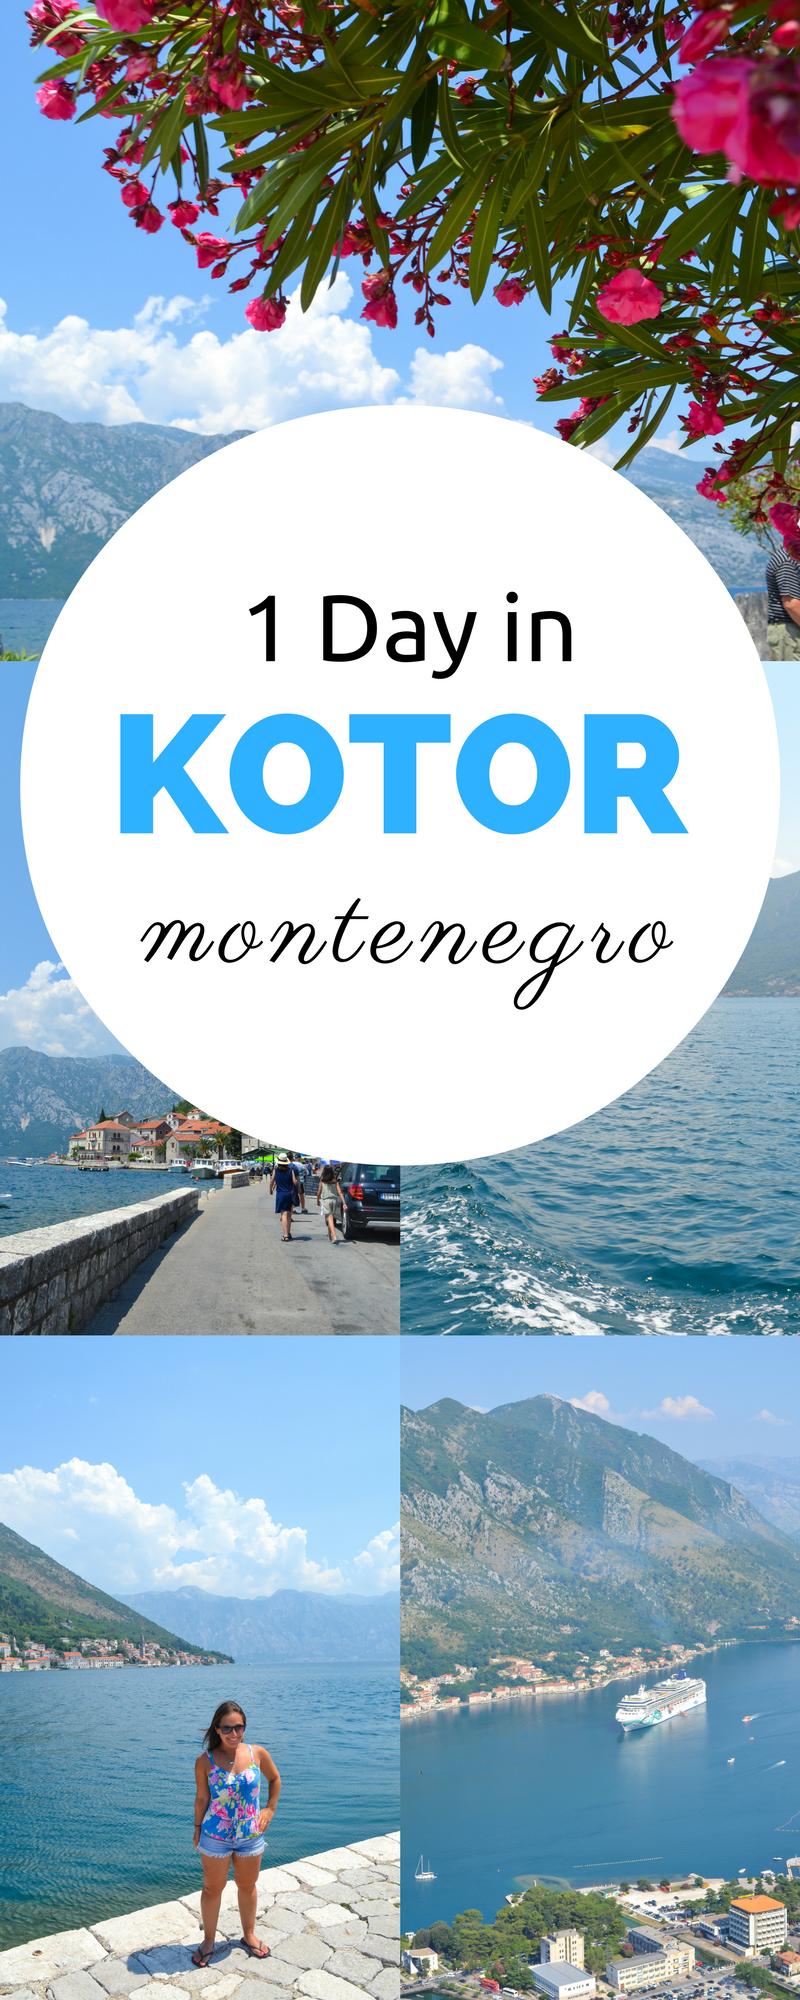 乘坐游轮或杜布罗夫尼克一日游前往科托尔?在科托尔黑山(Kotor Montenegro)只需一天即可享受这个地区所提供的一切。